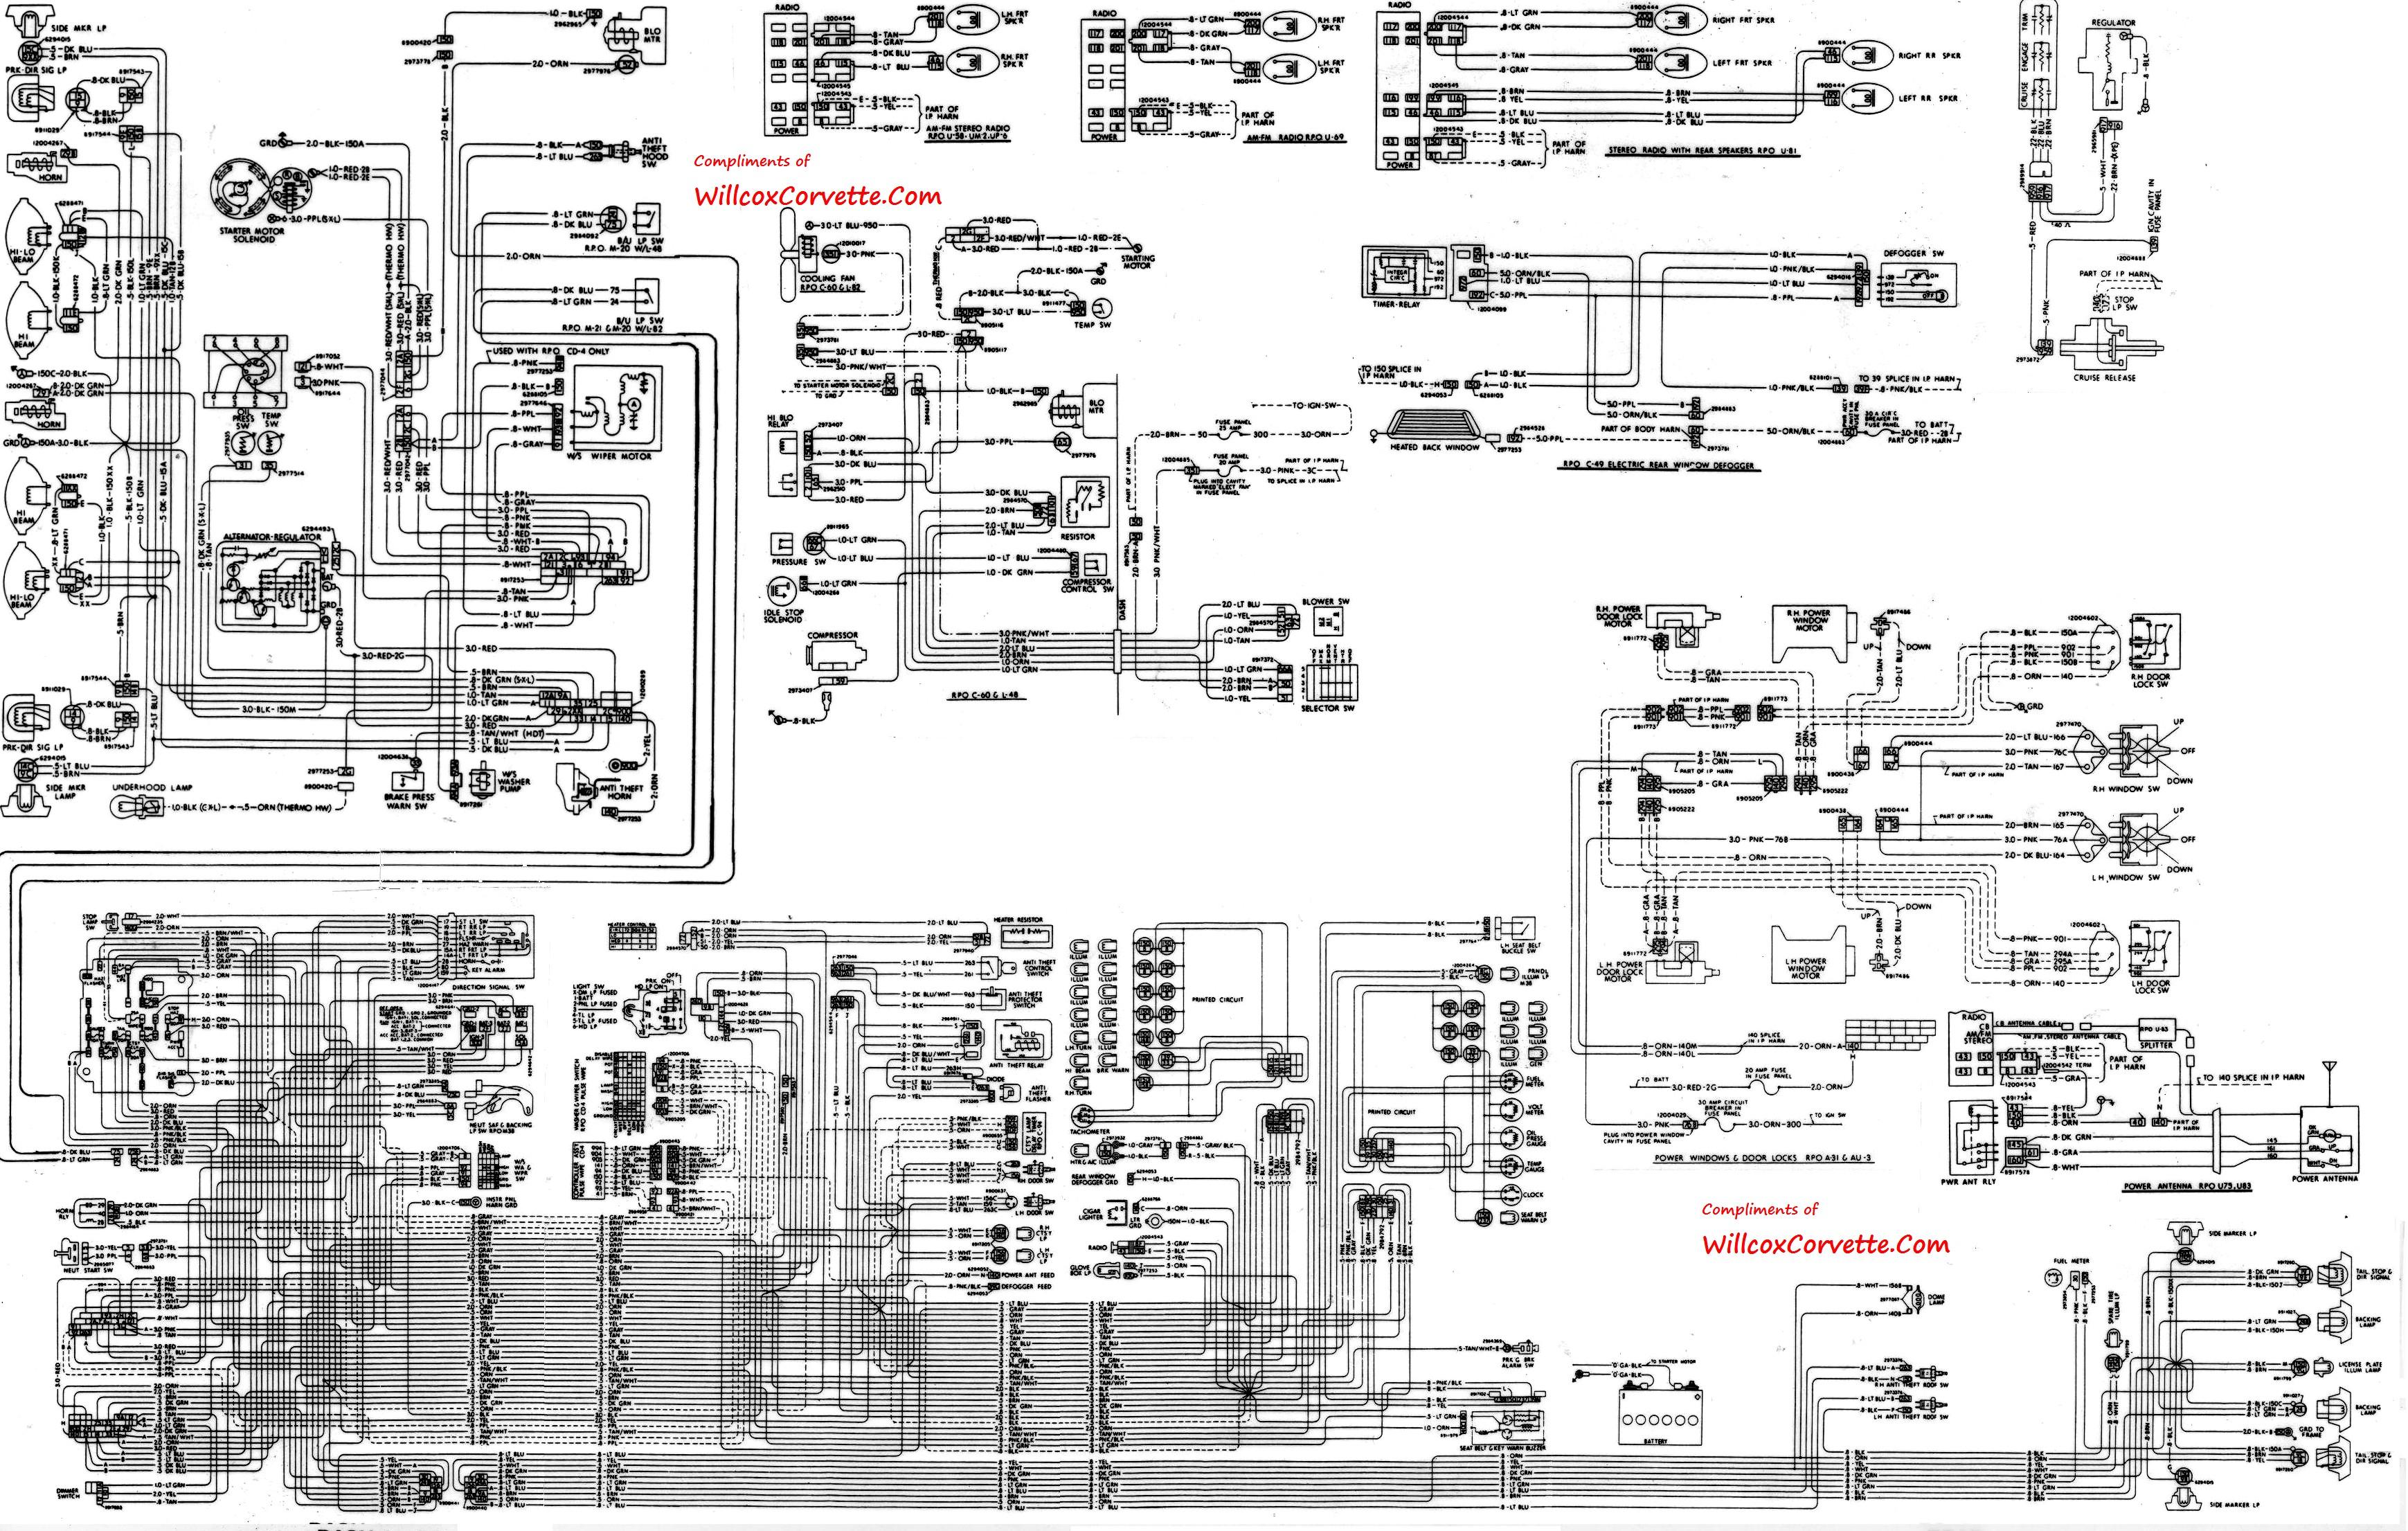 1995 Corvette Wiring Diagrams Free Wire Center 1999 Diagram 1976 Starter Circuit Symbols U2022 Rh Legalcoin Co 1993 Bulkhead